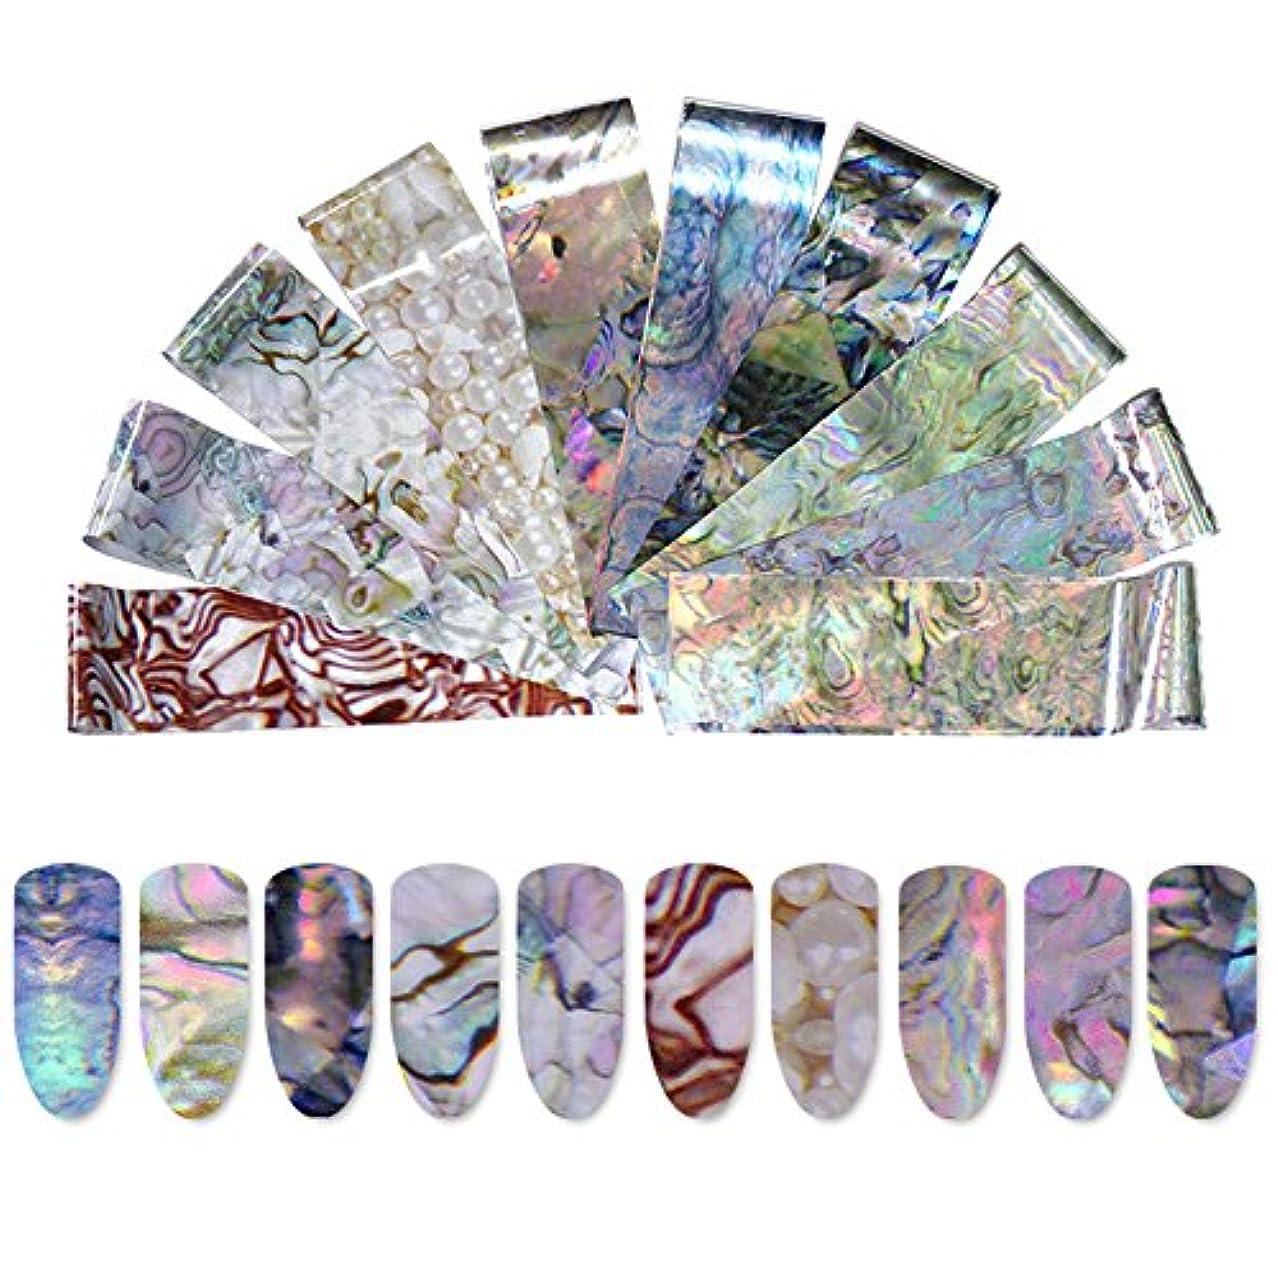 徹底素子前提UR SUGAR 貝殻柄ネイルホイル 星空ネイル シェル 大理石 オーロラネイル ホログラム 転写ホイル 箔紙 シェルプリント 極薄フィルム 埋め込み 10種類セット [並行輸入品]